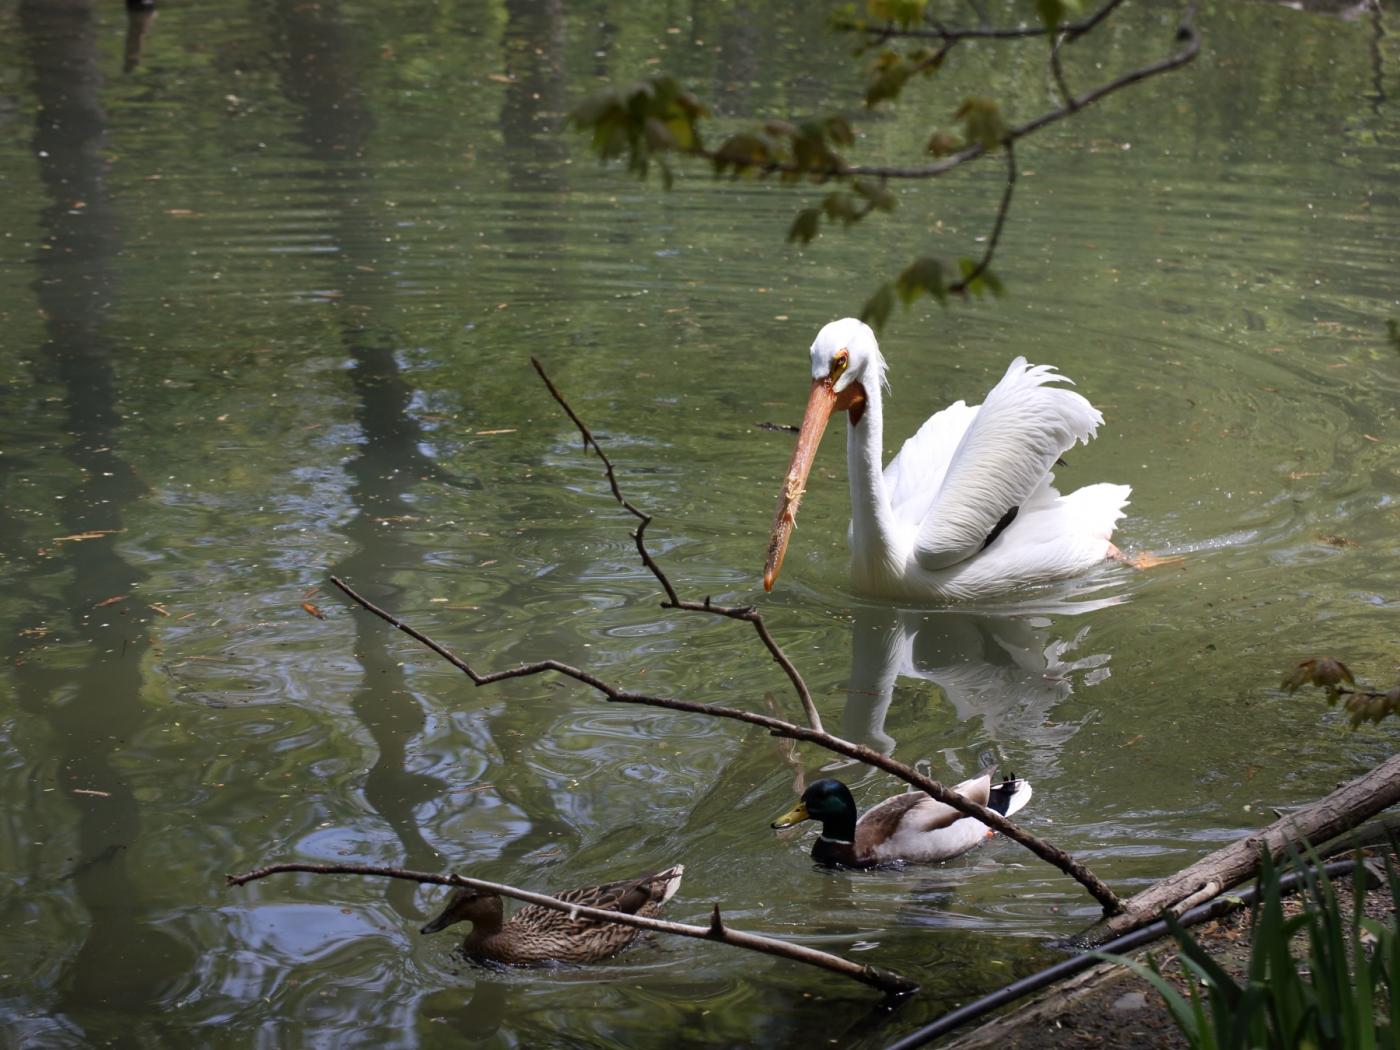 【心想事成】 BRONX 动物园随拍_图1-5